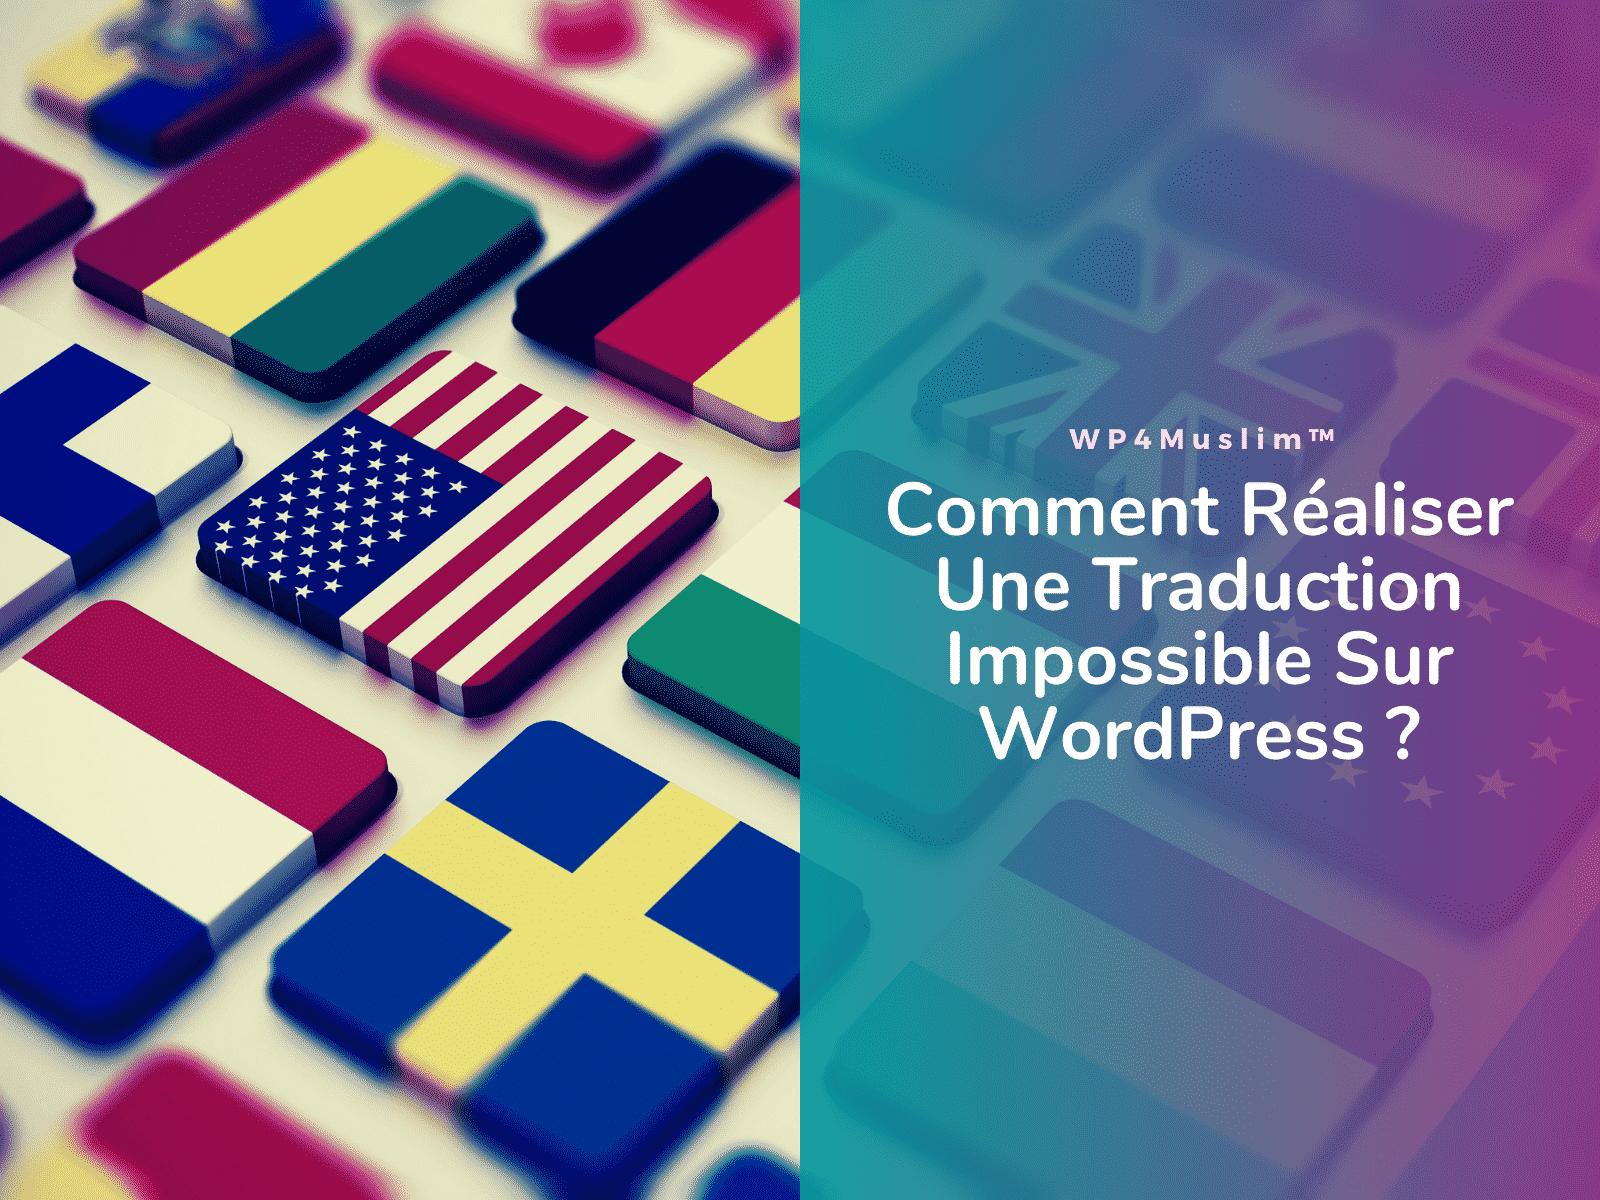 Comment Réaliser Une Traduction Impossible Sur WordPress- WP4Muslim